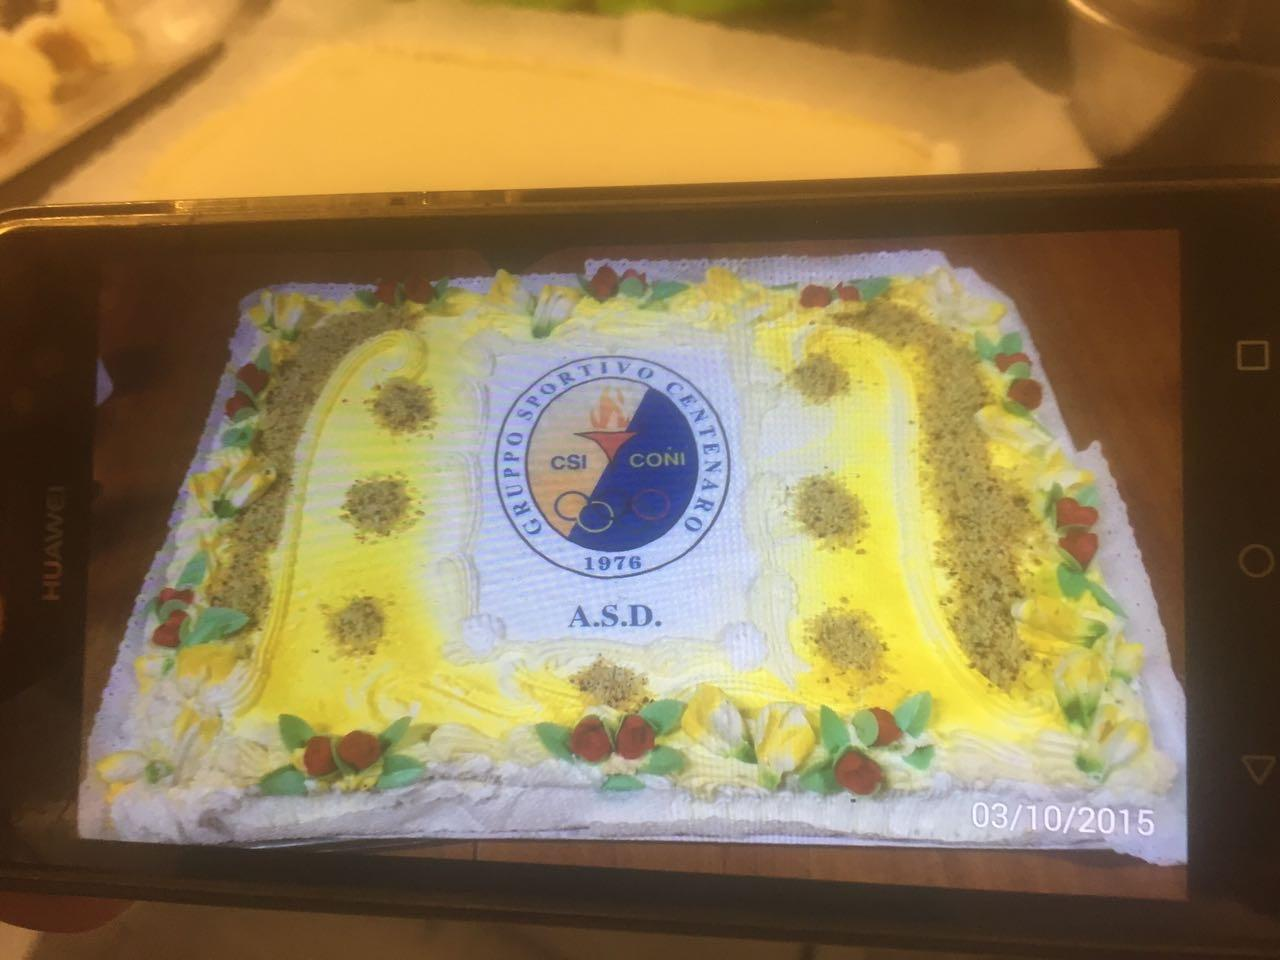 Torta CONI